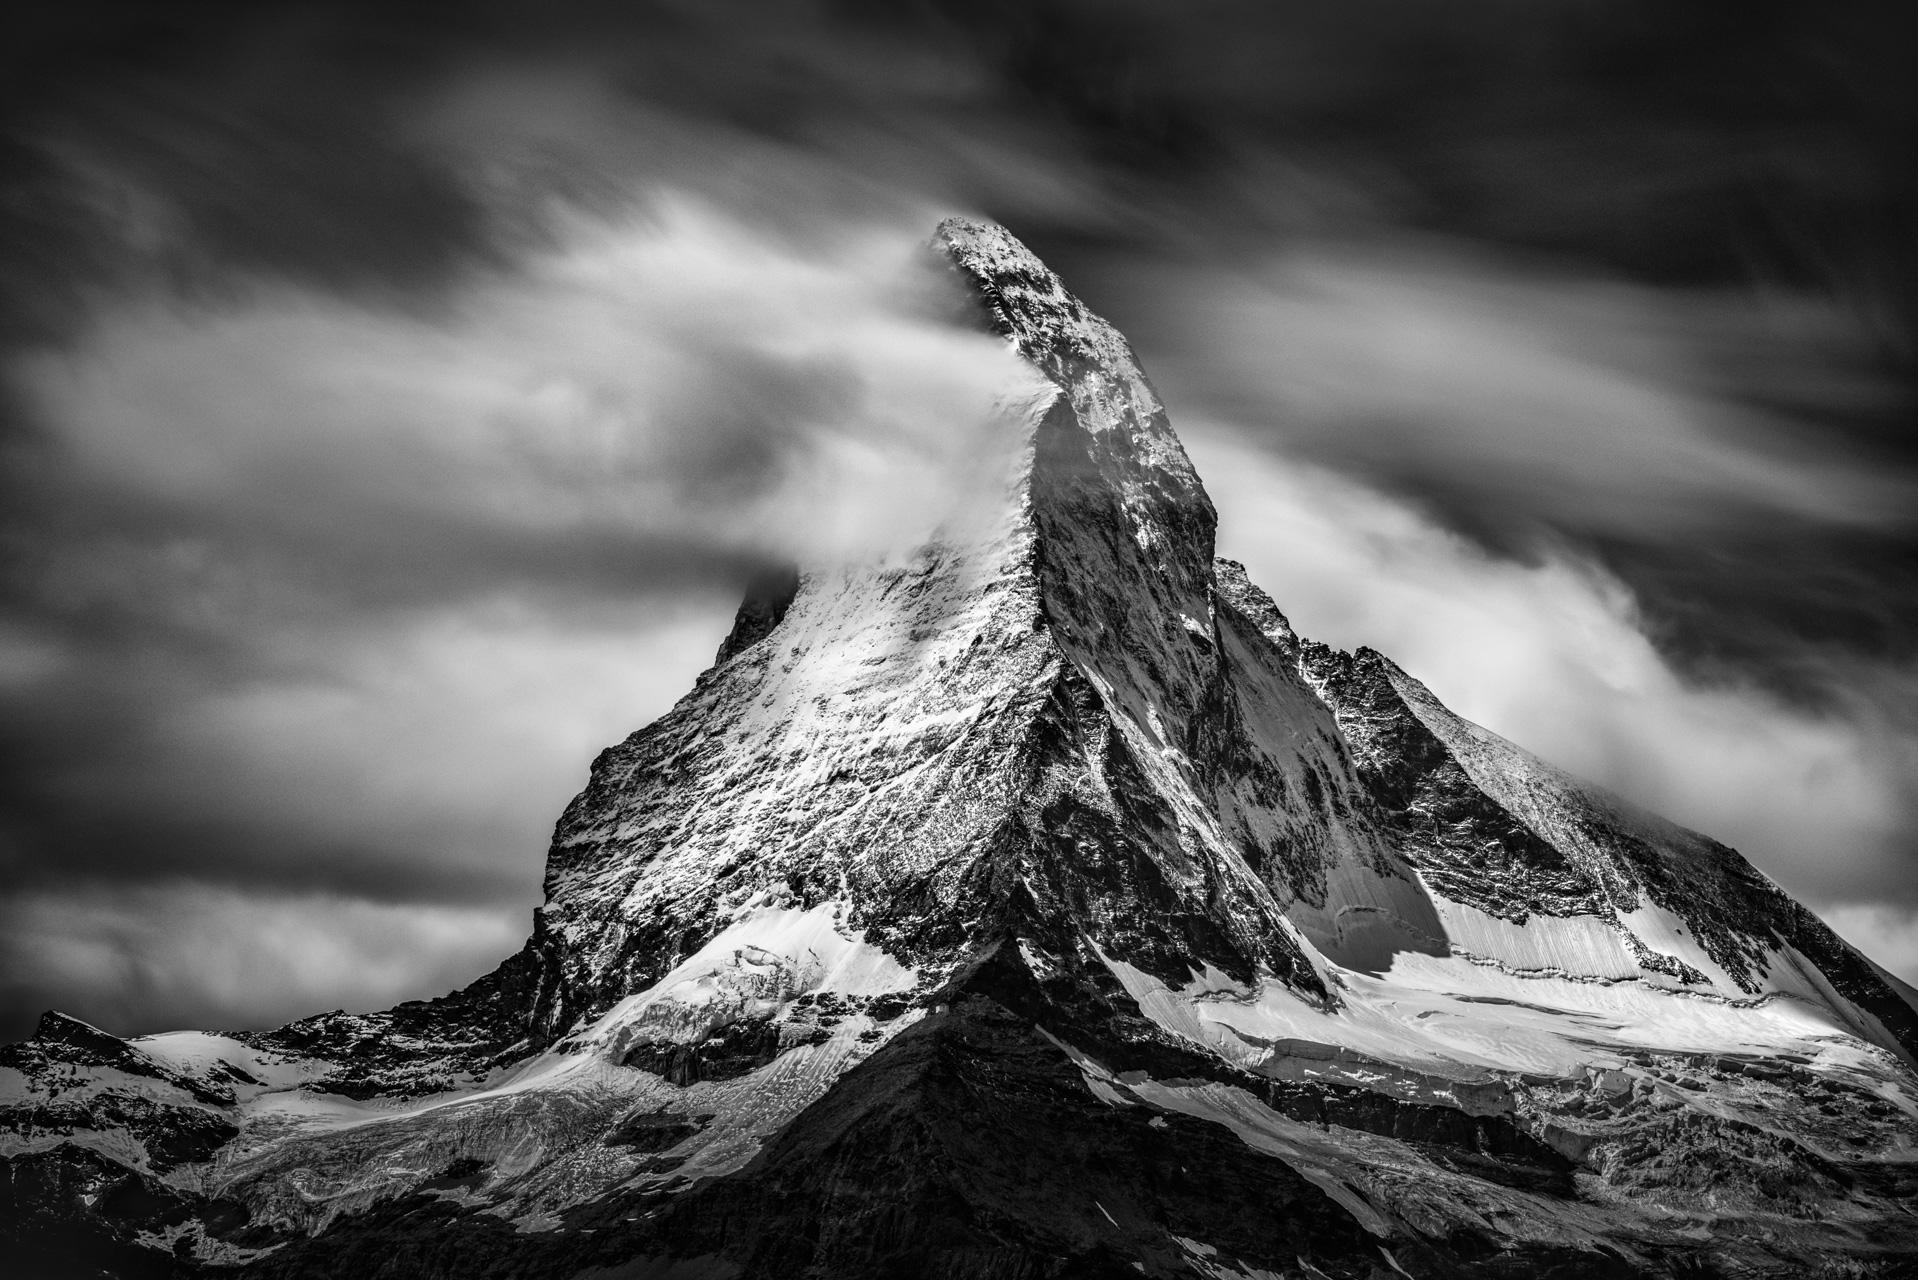 photo de montagne noir et blanc - photographie du Cervin - Photo valais suisse - Mont Cervin - zermatt Matterhorn